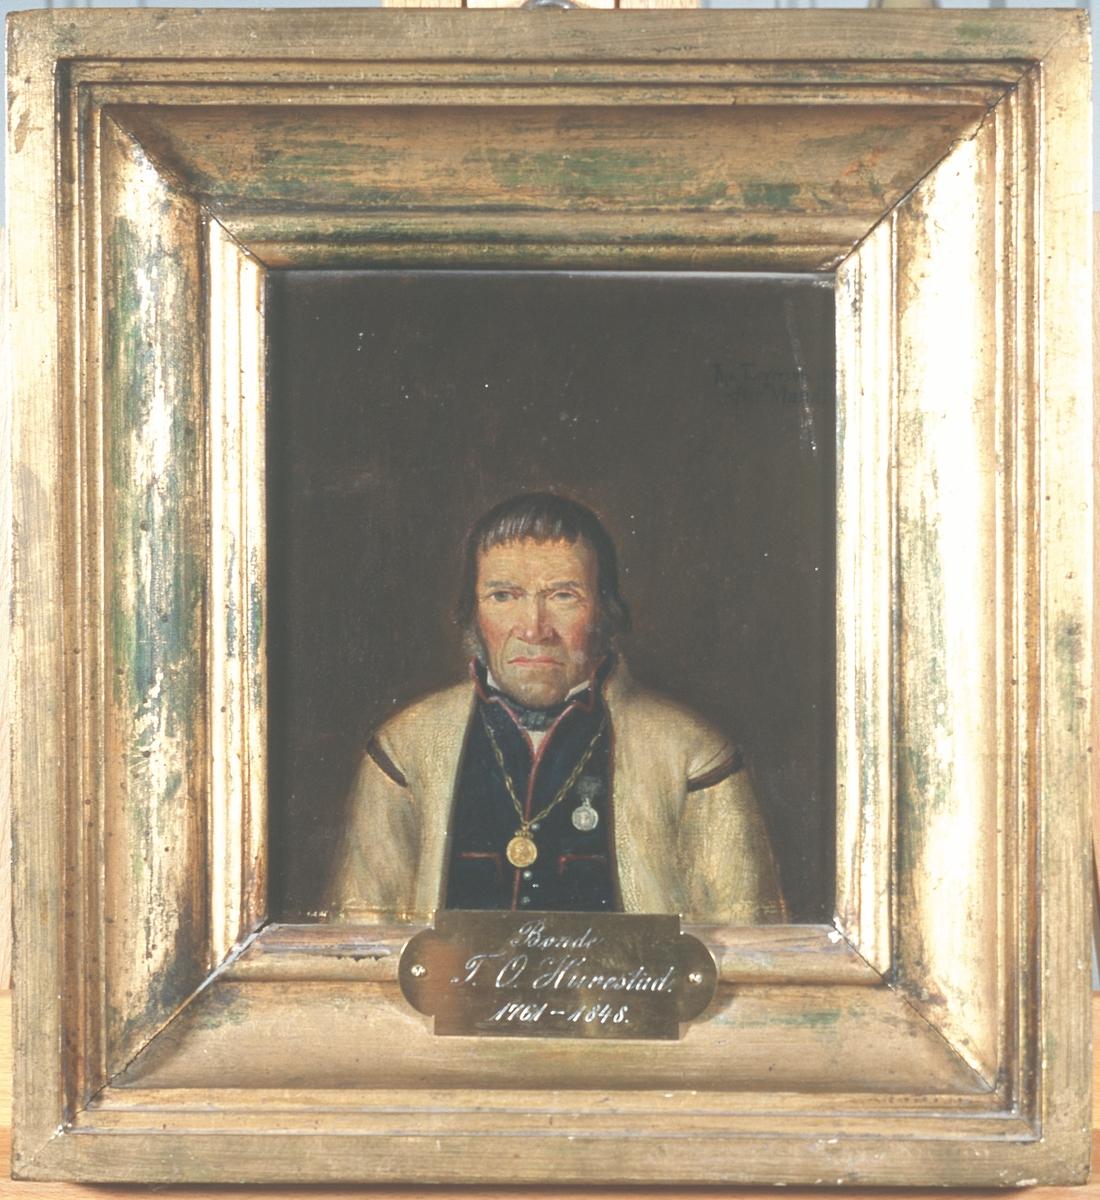 Portrett av Tallev O. Huvestad. Hvit trøye (jakke) og mørk vest m/røde kanter.  Frederik VI's erindringsmedalje i kjede om halsen, Danebrog eller Borgerdådsmedaljen på brystet.